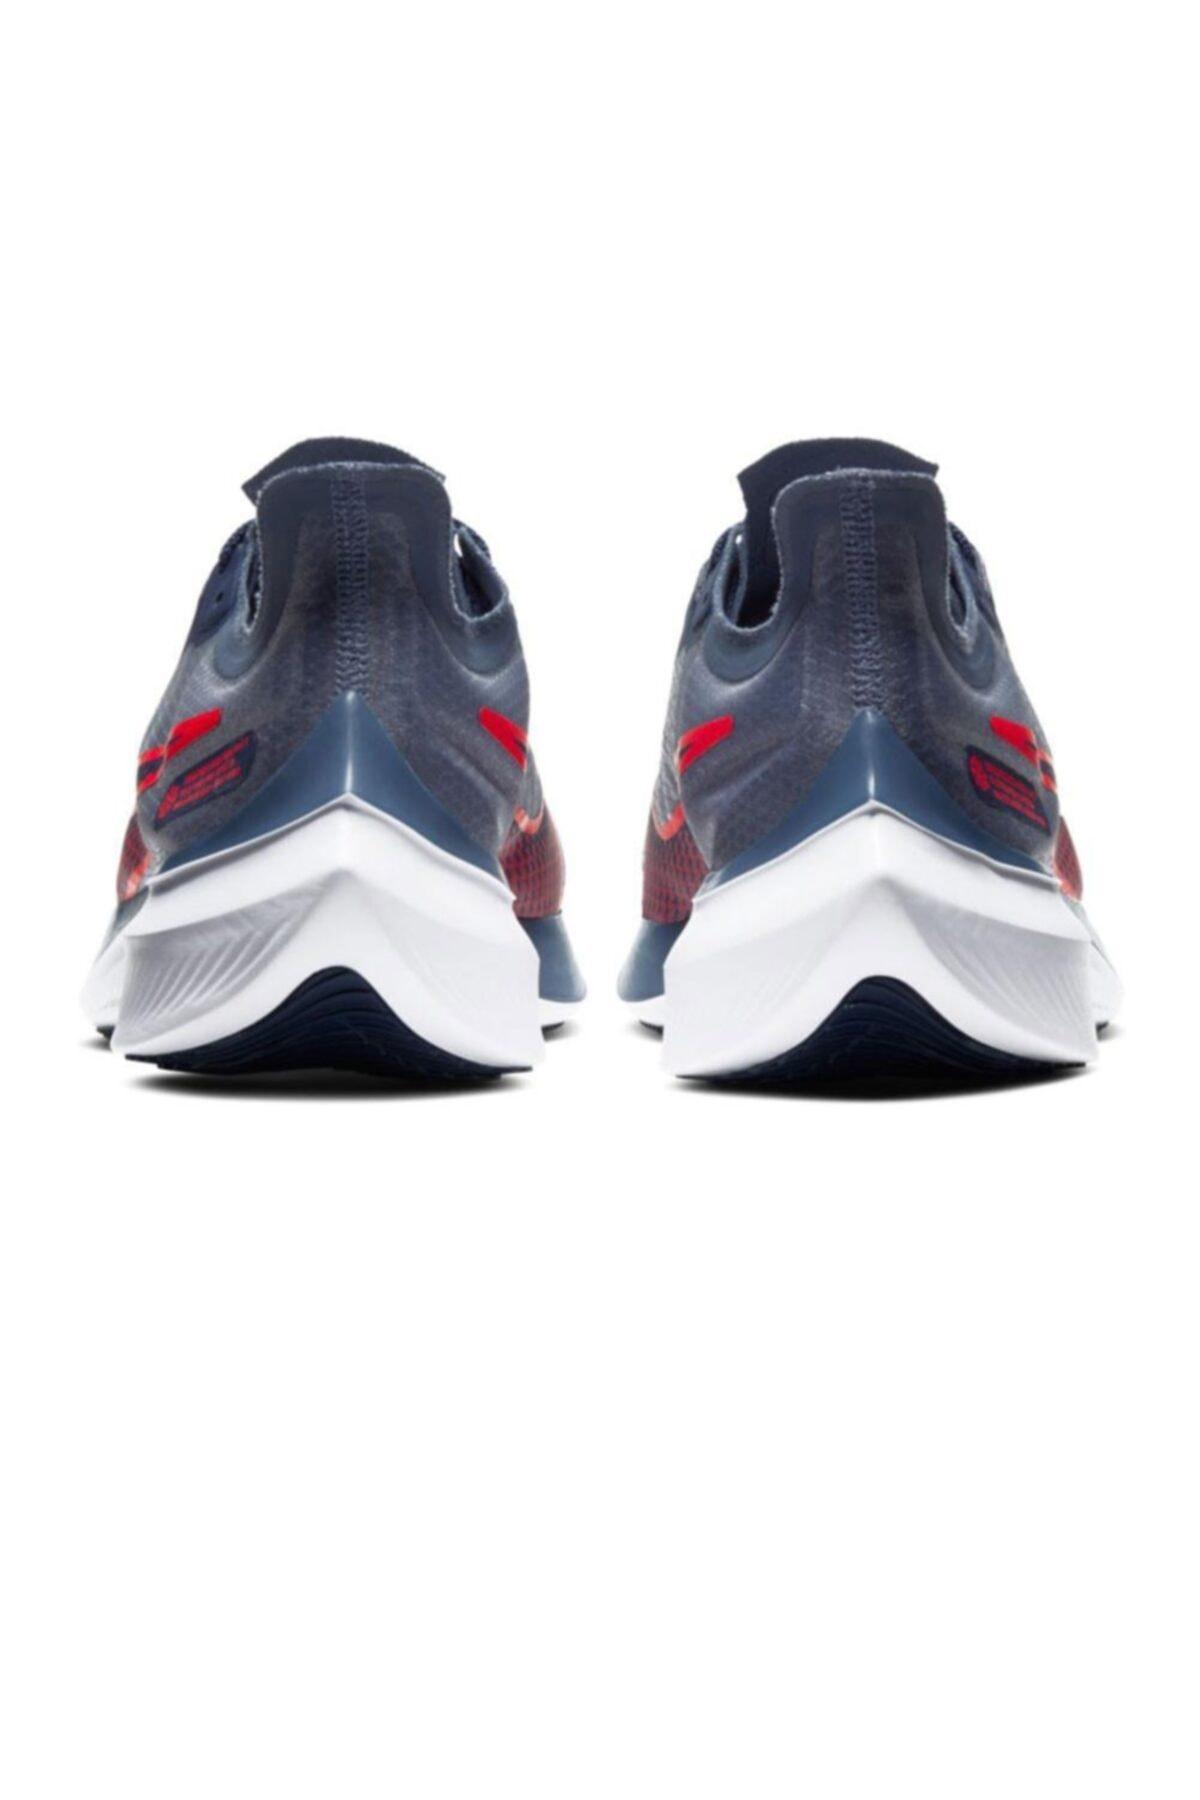 Nike Zoom Gravity Bq3202-400 Günlük Spor Ayakkabı 2